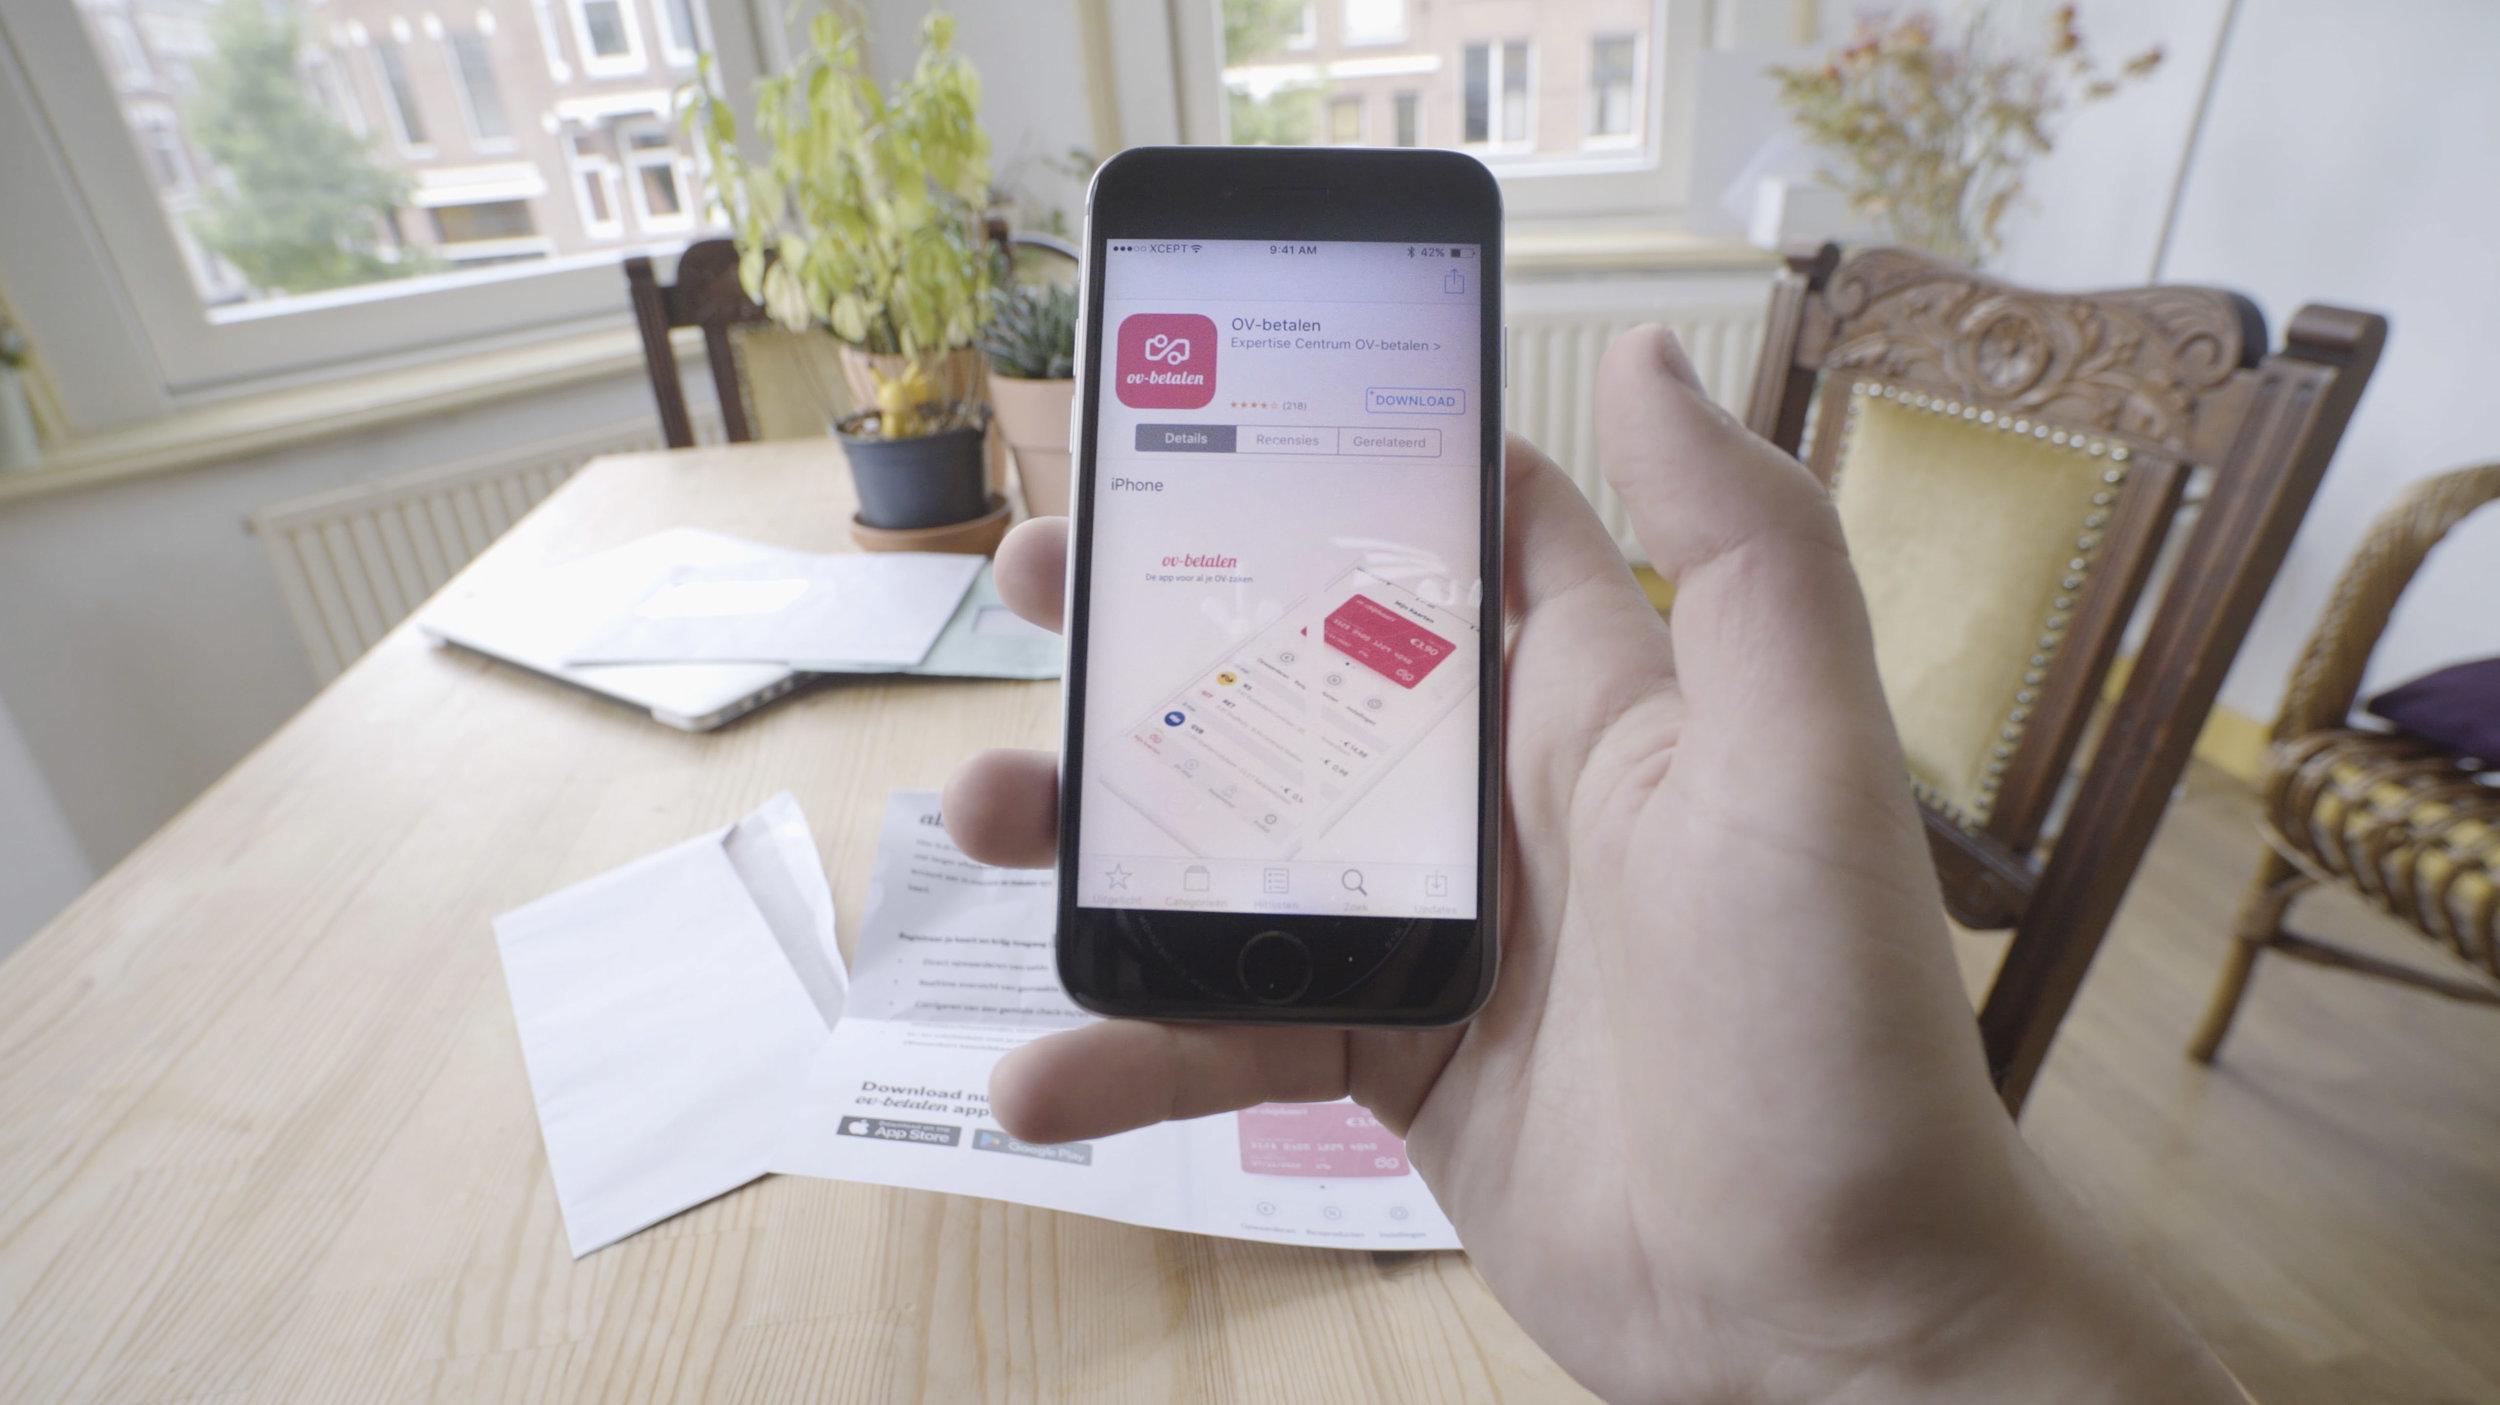 OV-BETALEN APP | OV-chipkaart